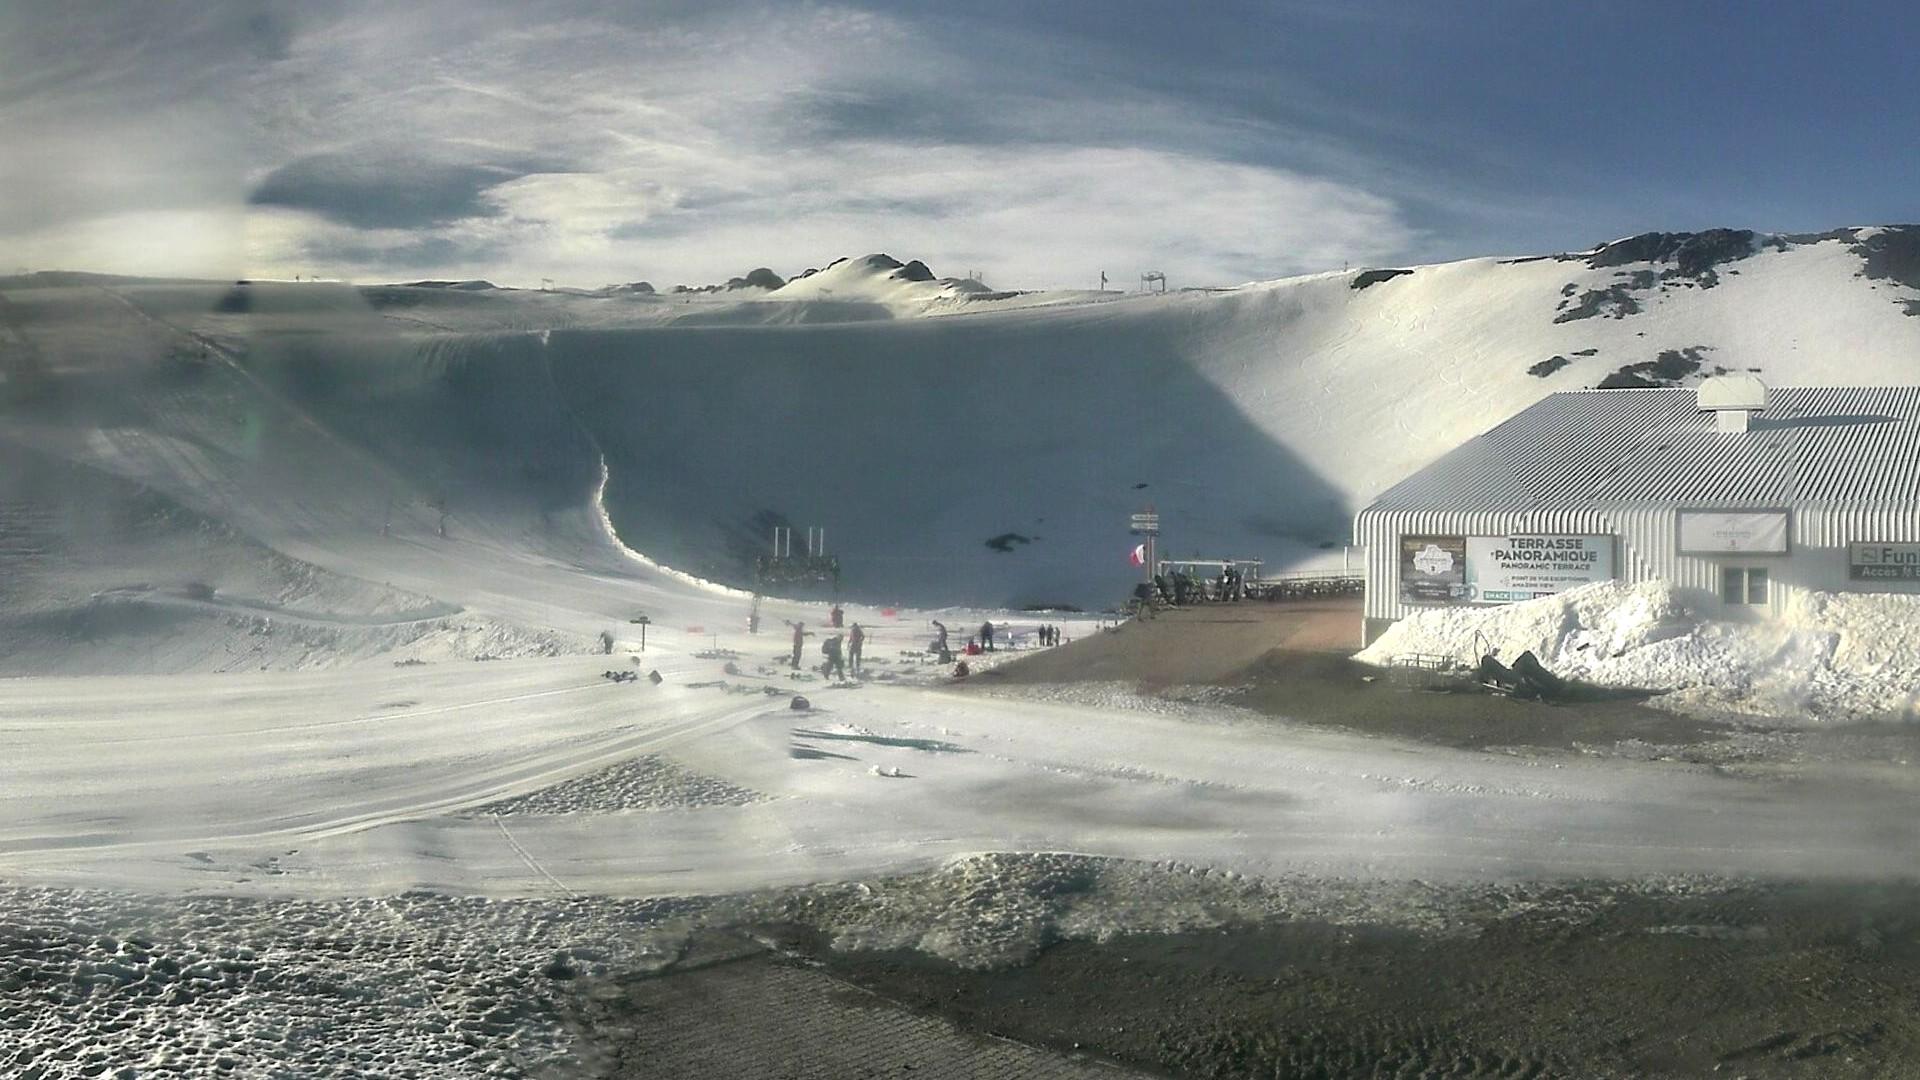 20200701_0733_mega_2alpes_restaurant-les-glaciers_1920x1080